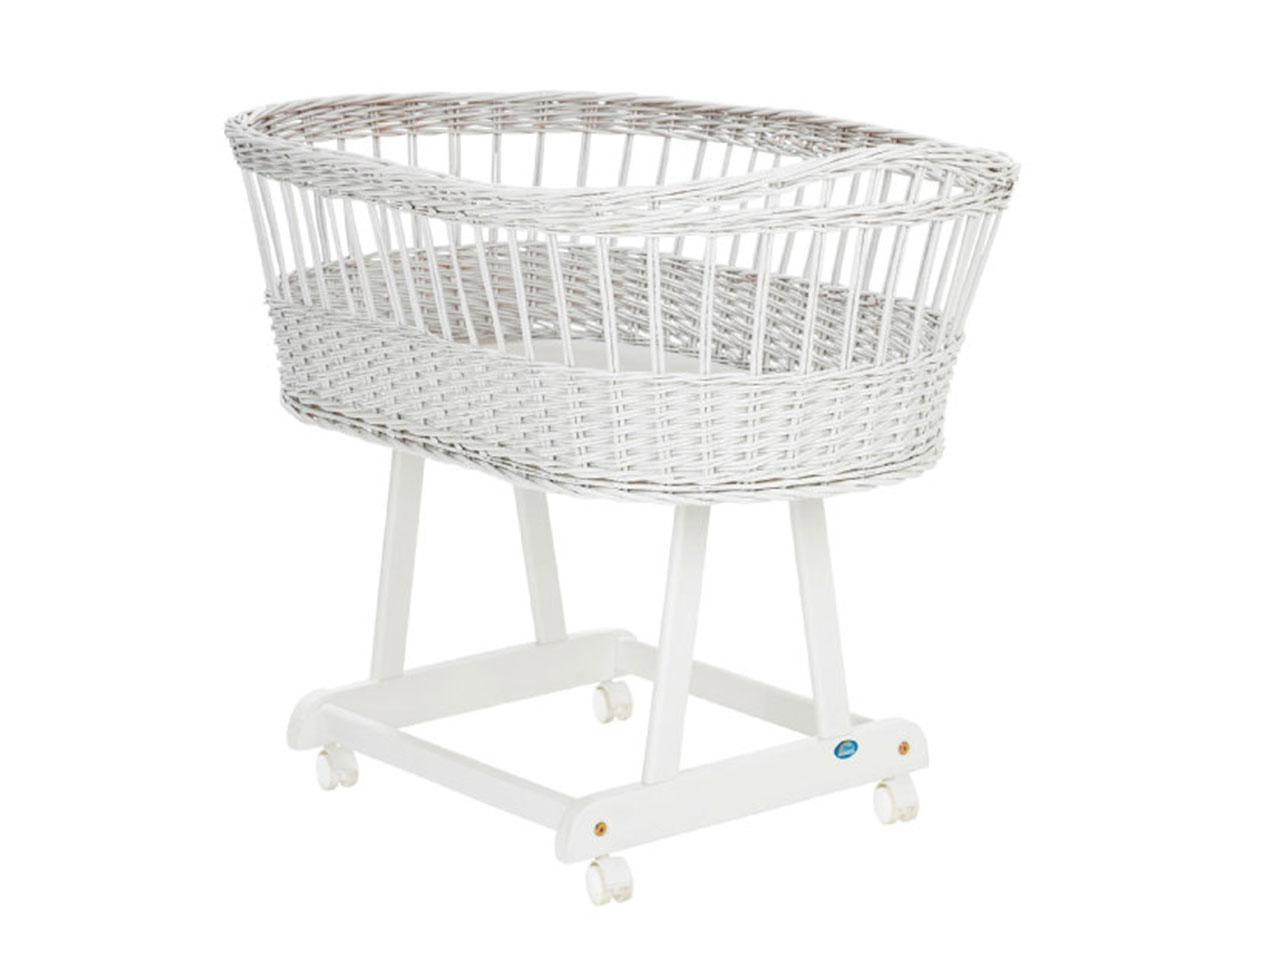 Košík pro miminko s ložní sadou ALVI Birthe 323-6, bílý, slon béžová